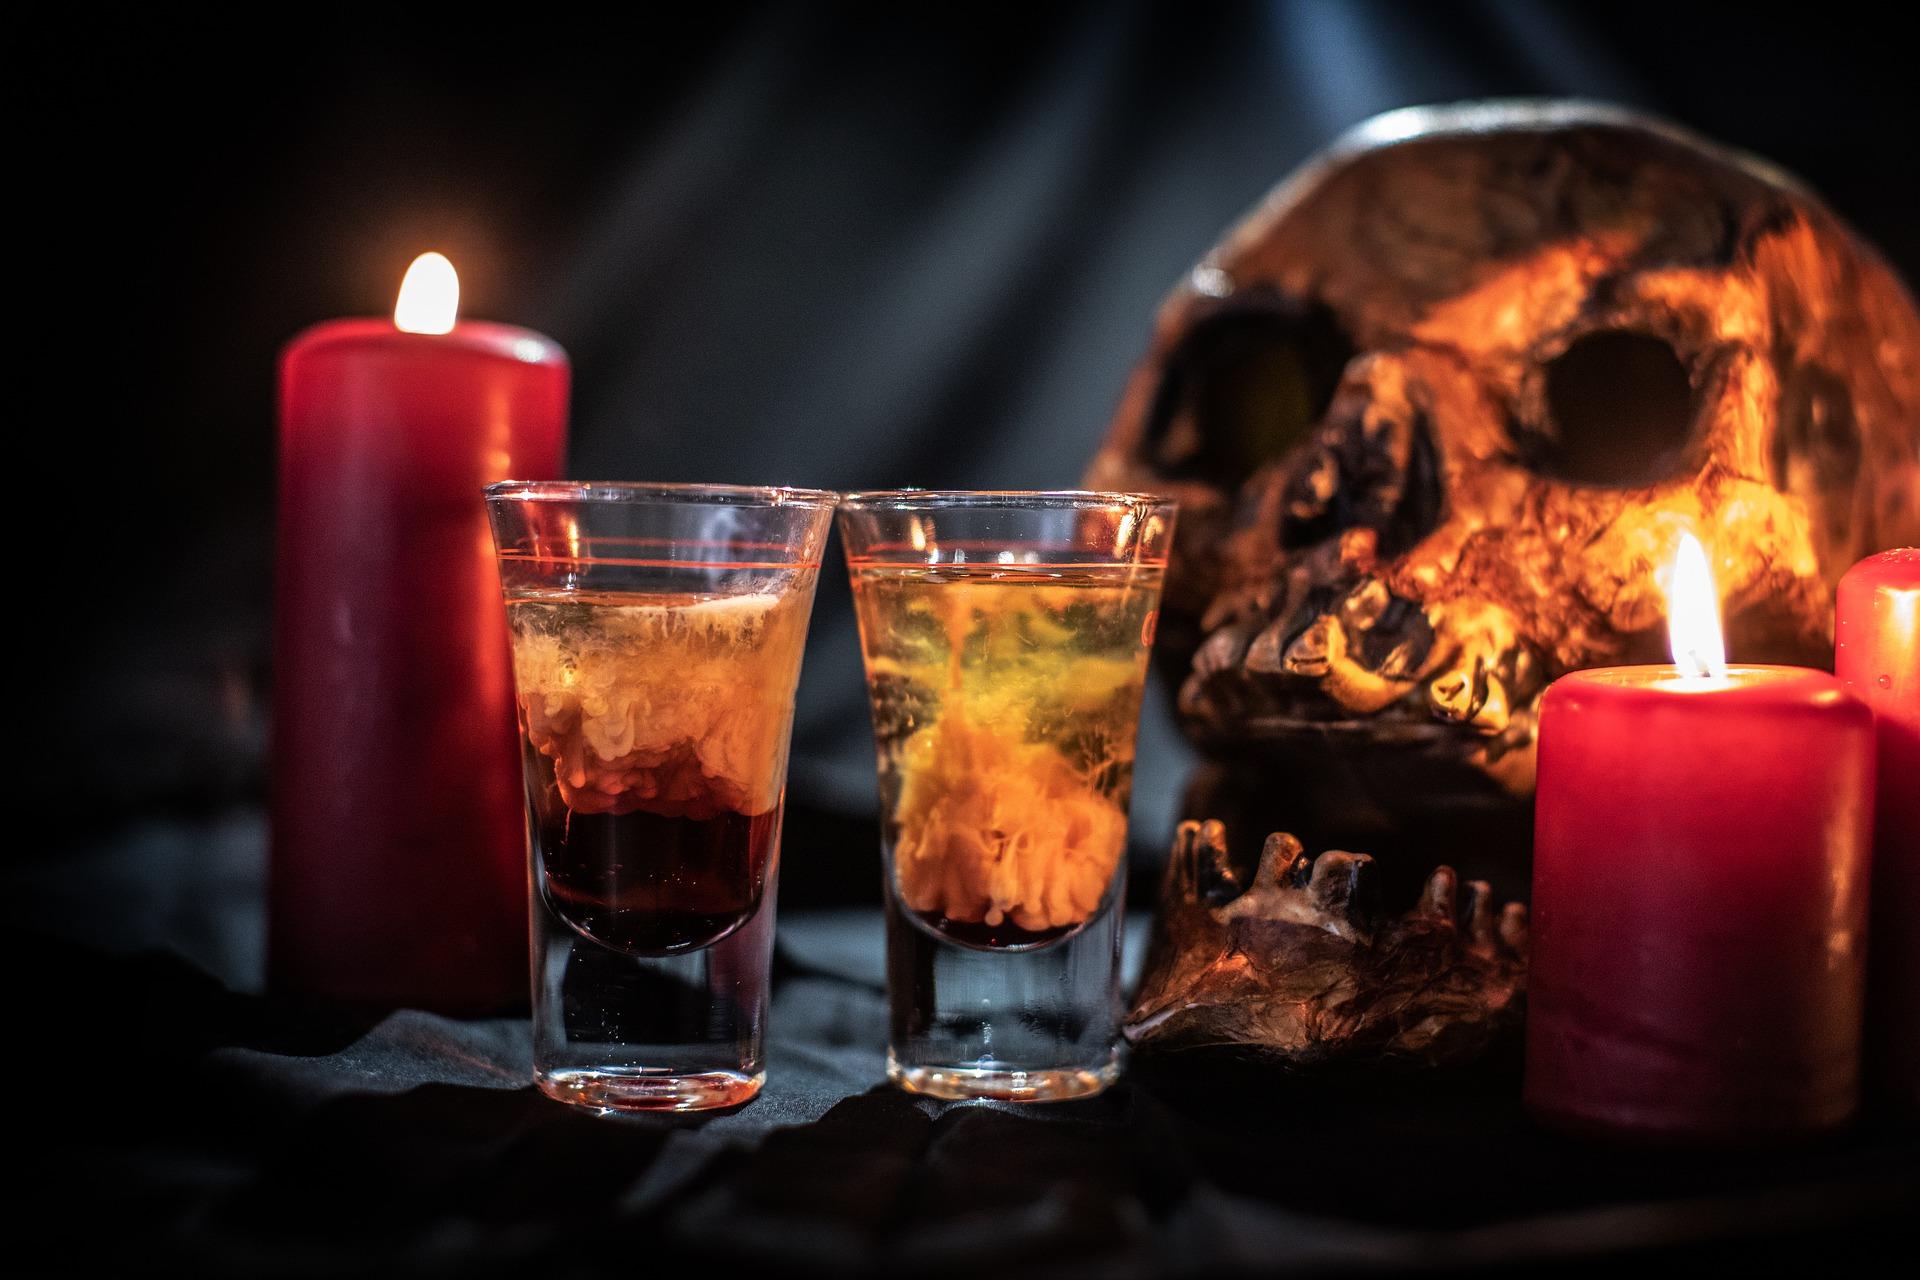 Rituali di magia rossa e i problemi?